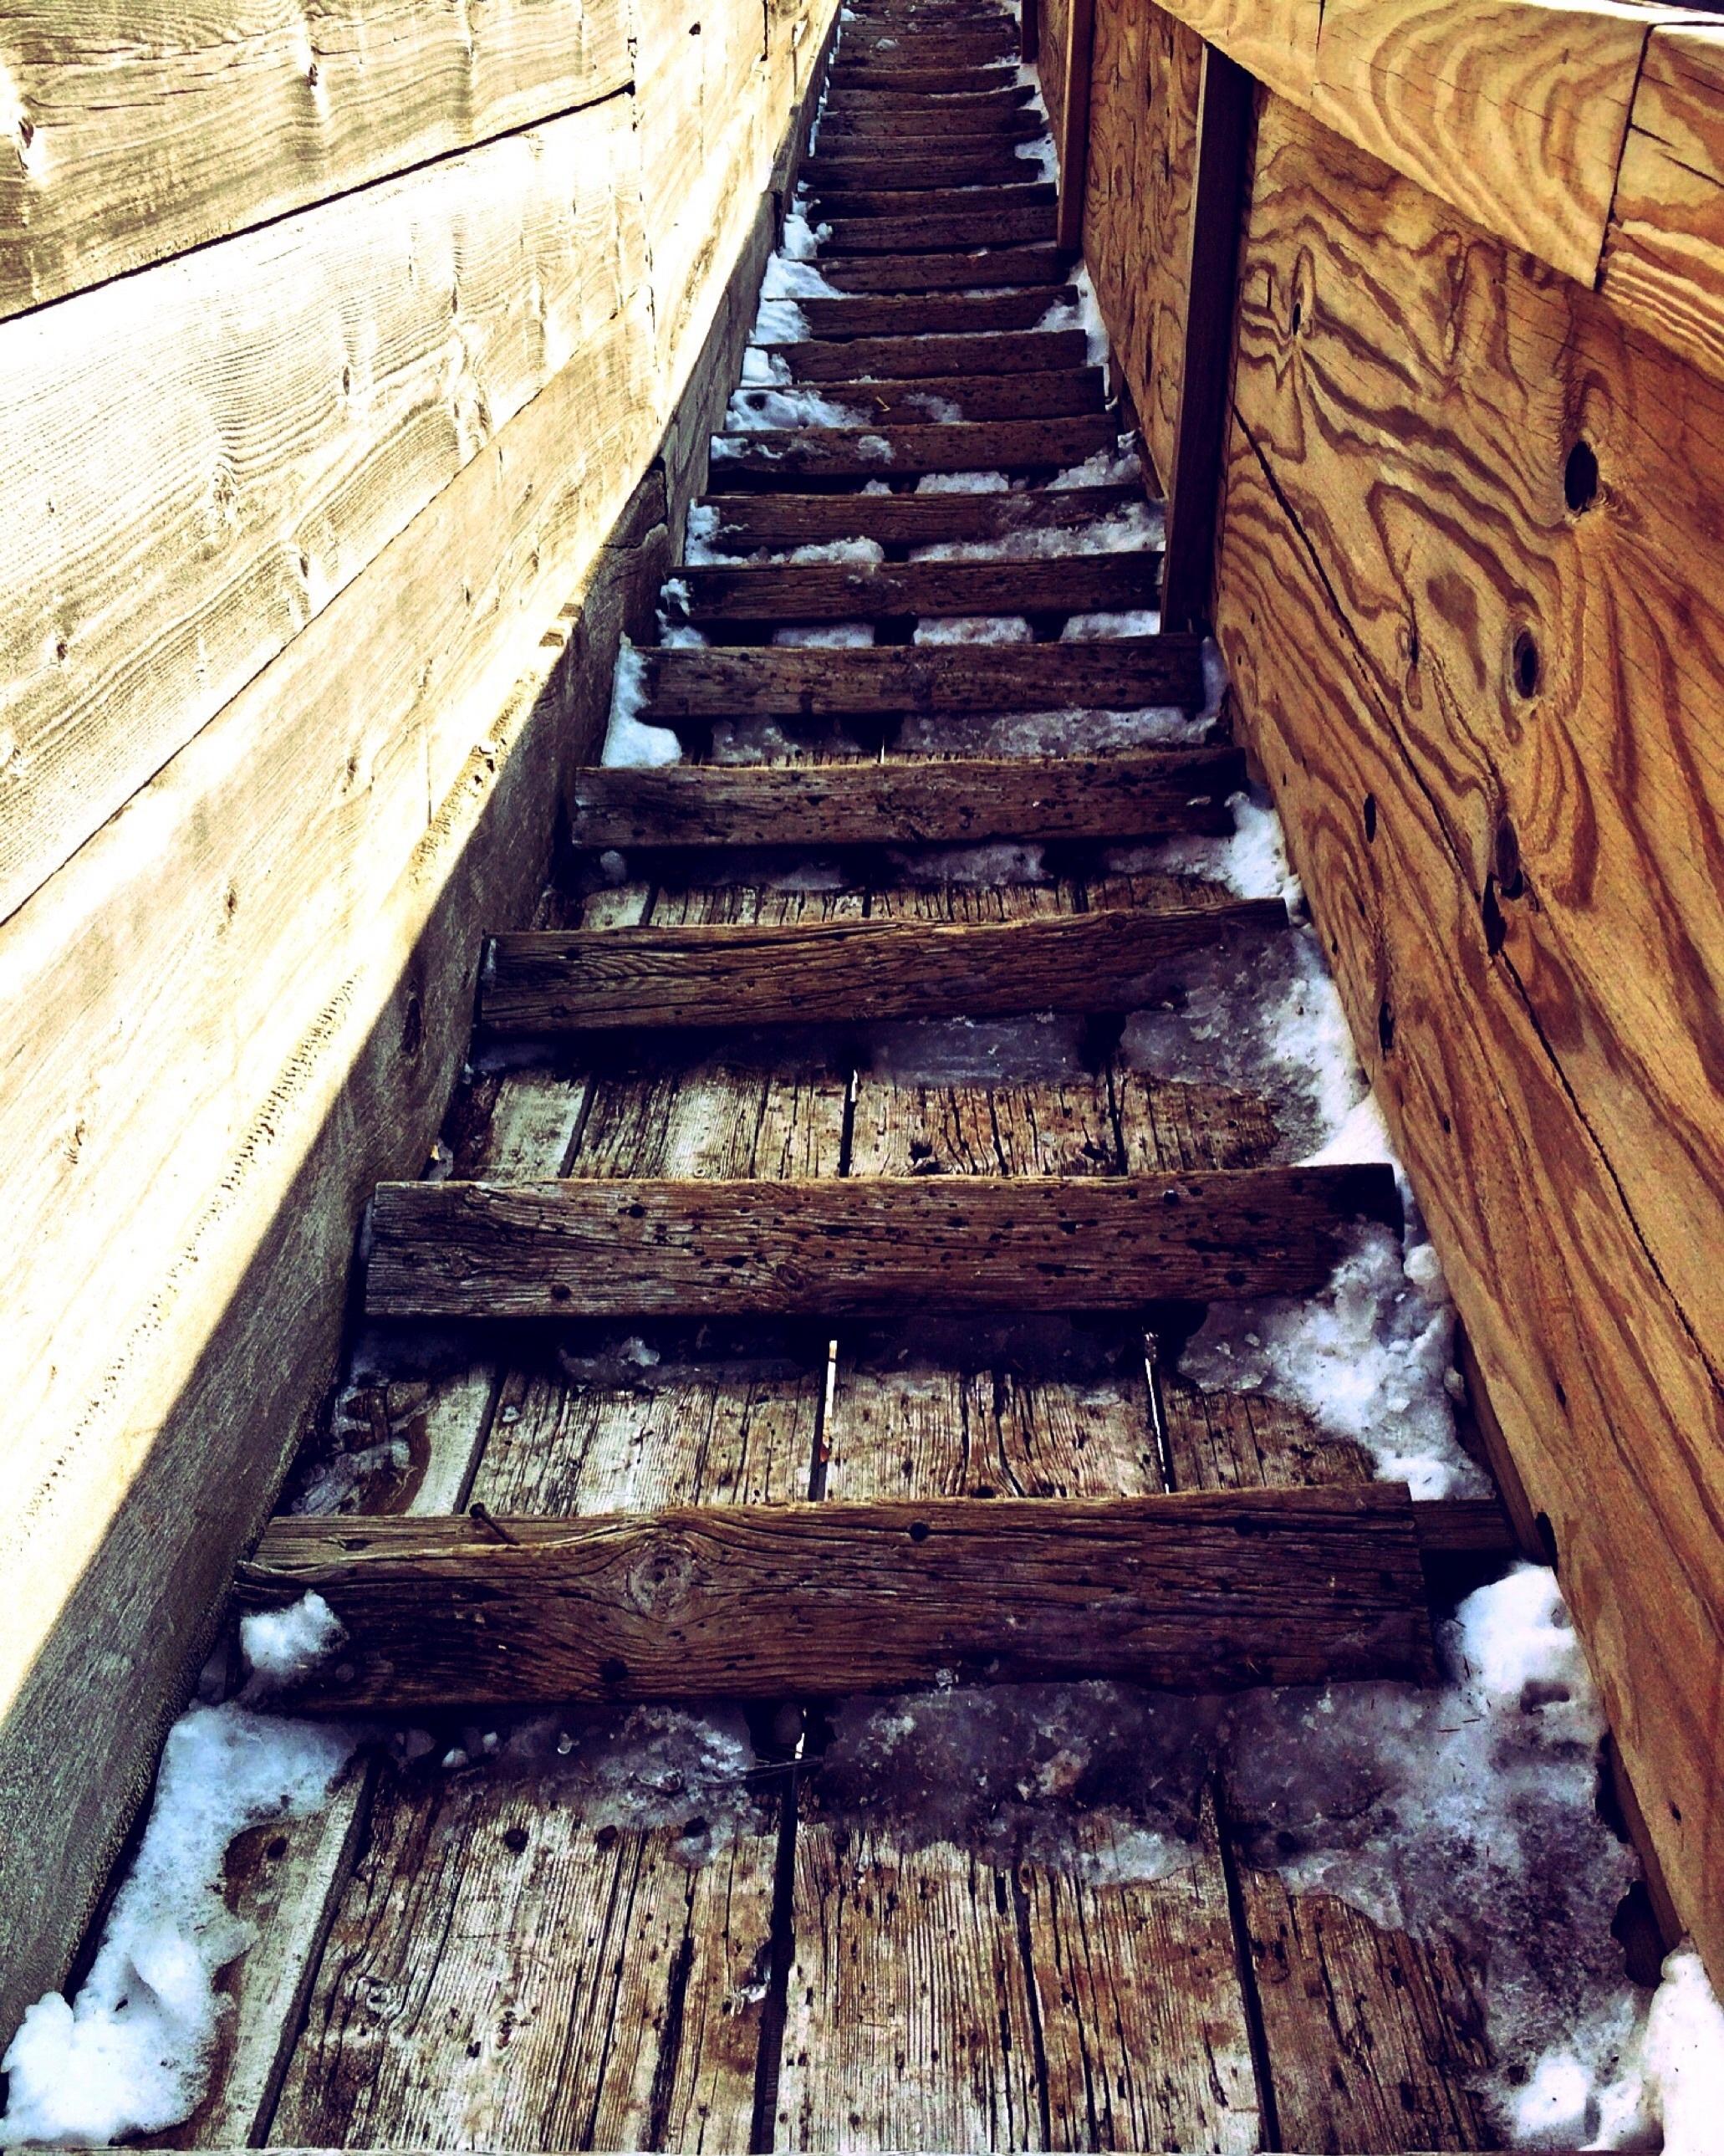 Patina Holz kostenlose foto holz spur alt rustikal strahl treppe hölzern